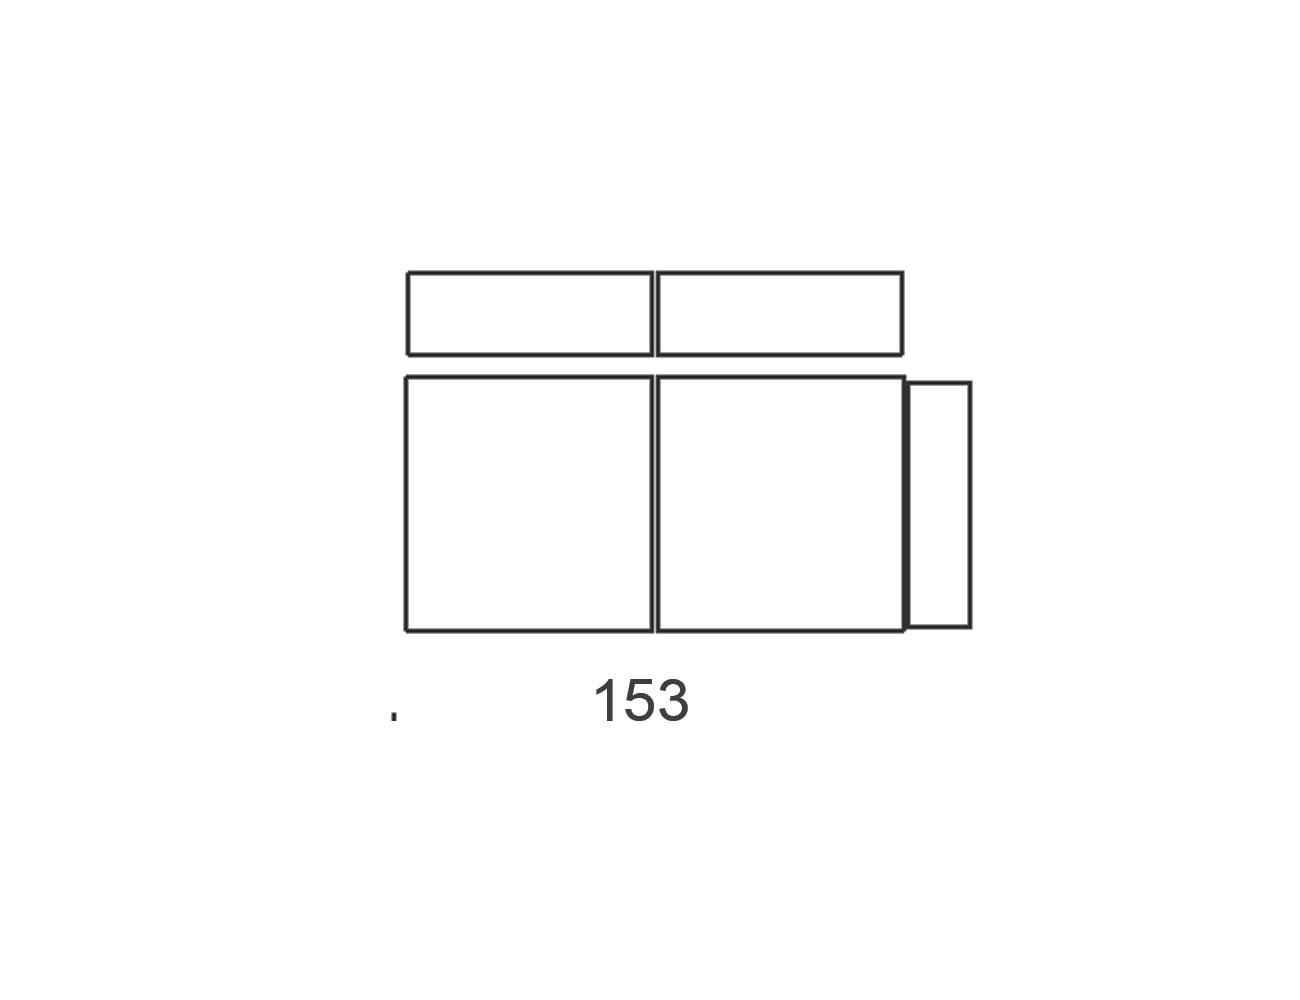 Modulo 1532